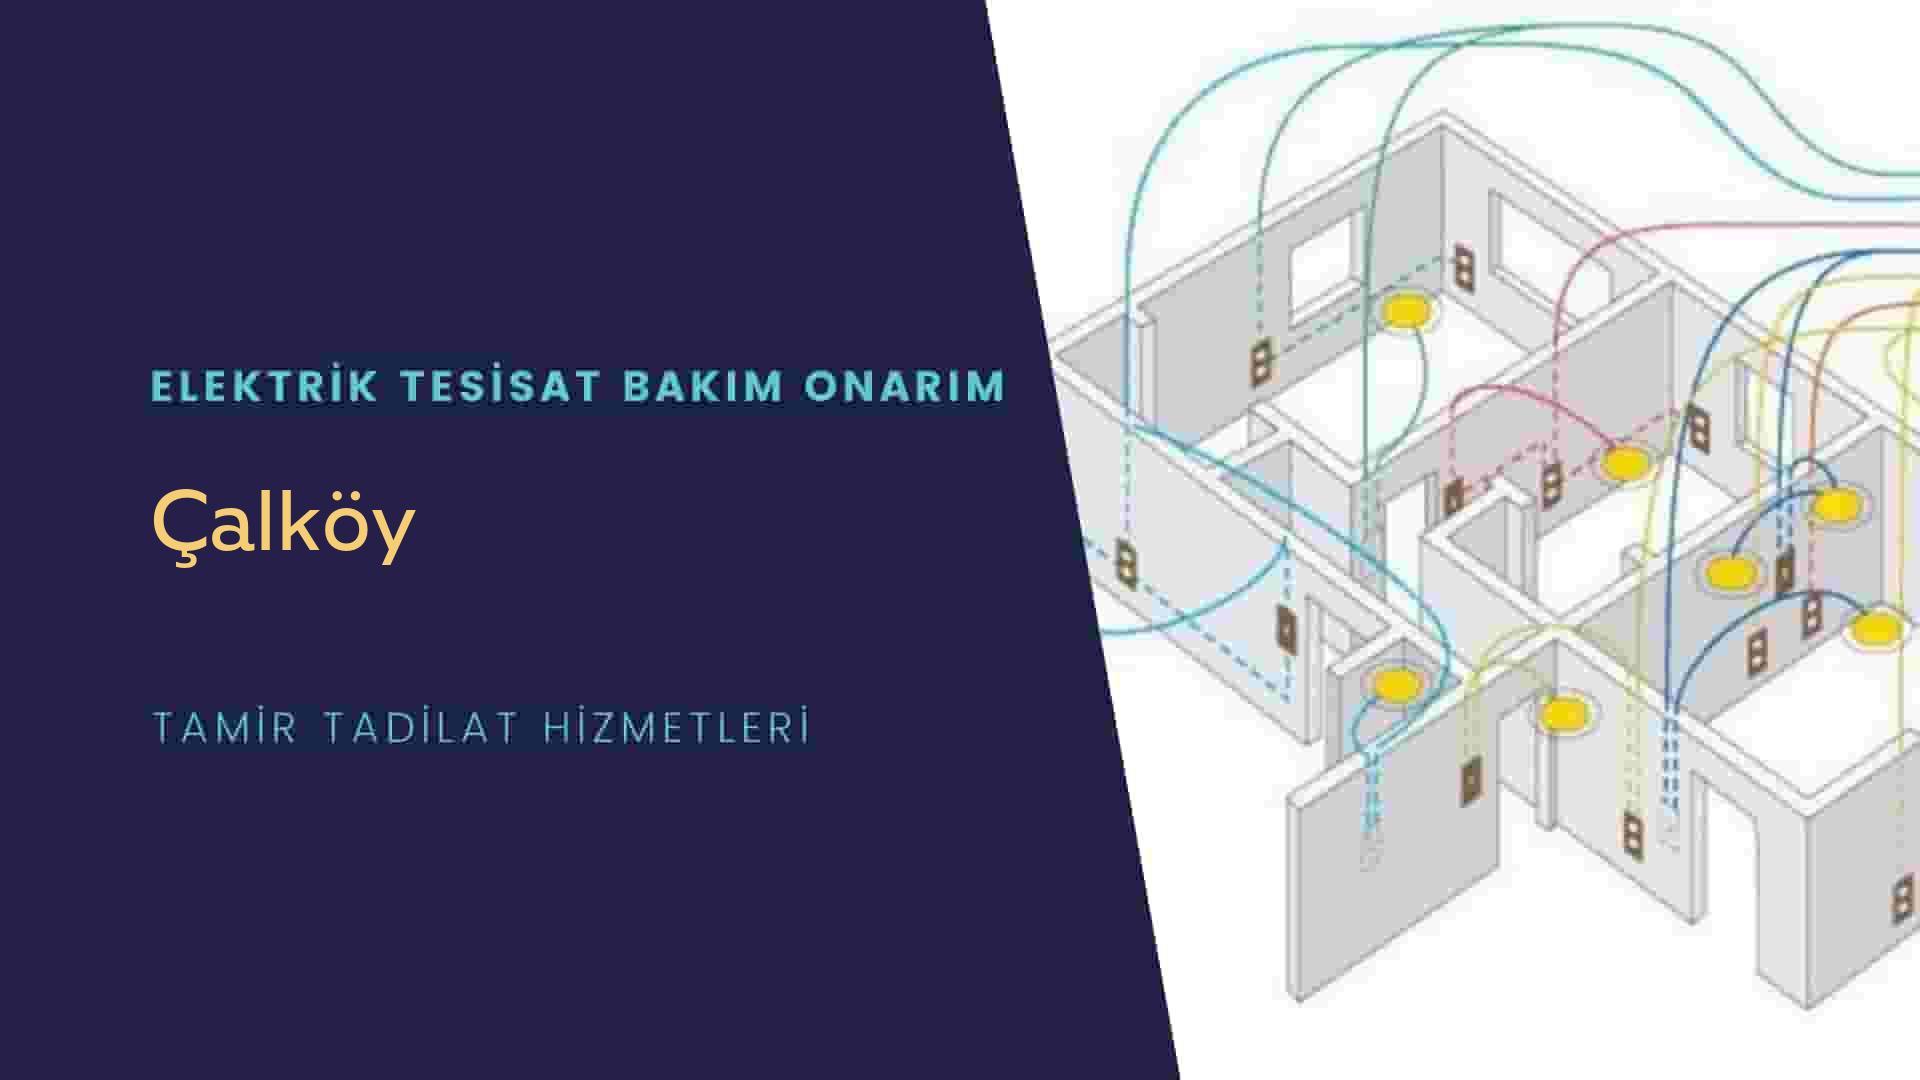 Çalköy'de elektrik tesisatıustalarımı arıyorsunuz doğru adrestenizi Çalköy elektrik tesisatı ustalarımız 7/24 sizlere hizmet vermekten mutluluk duyar.